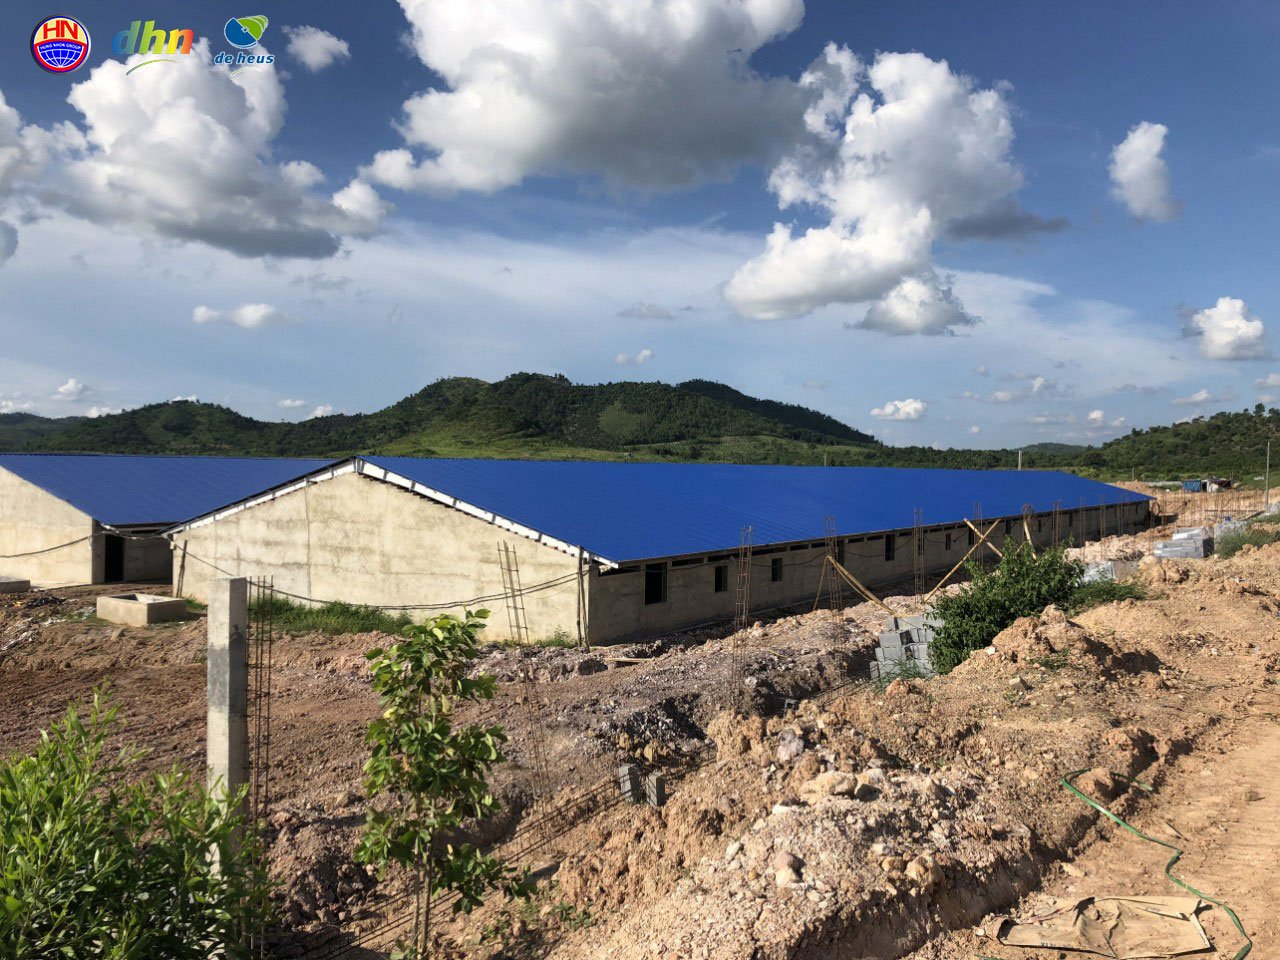 Đắk Lắk chuẩn bị có trại heo cụ kị 10.000 con, lớn nhất Tây Nguyên - Ảnh 6.